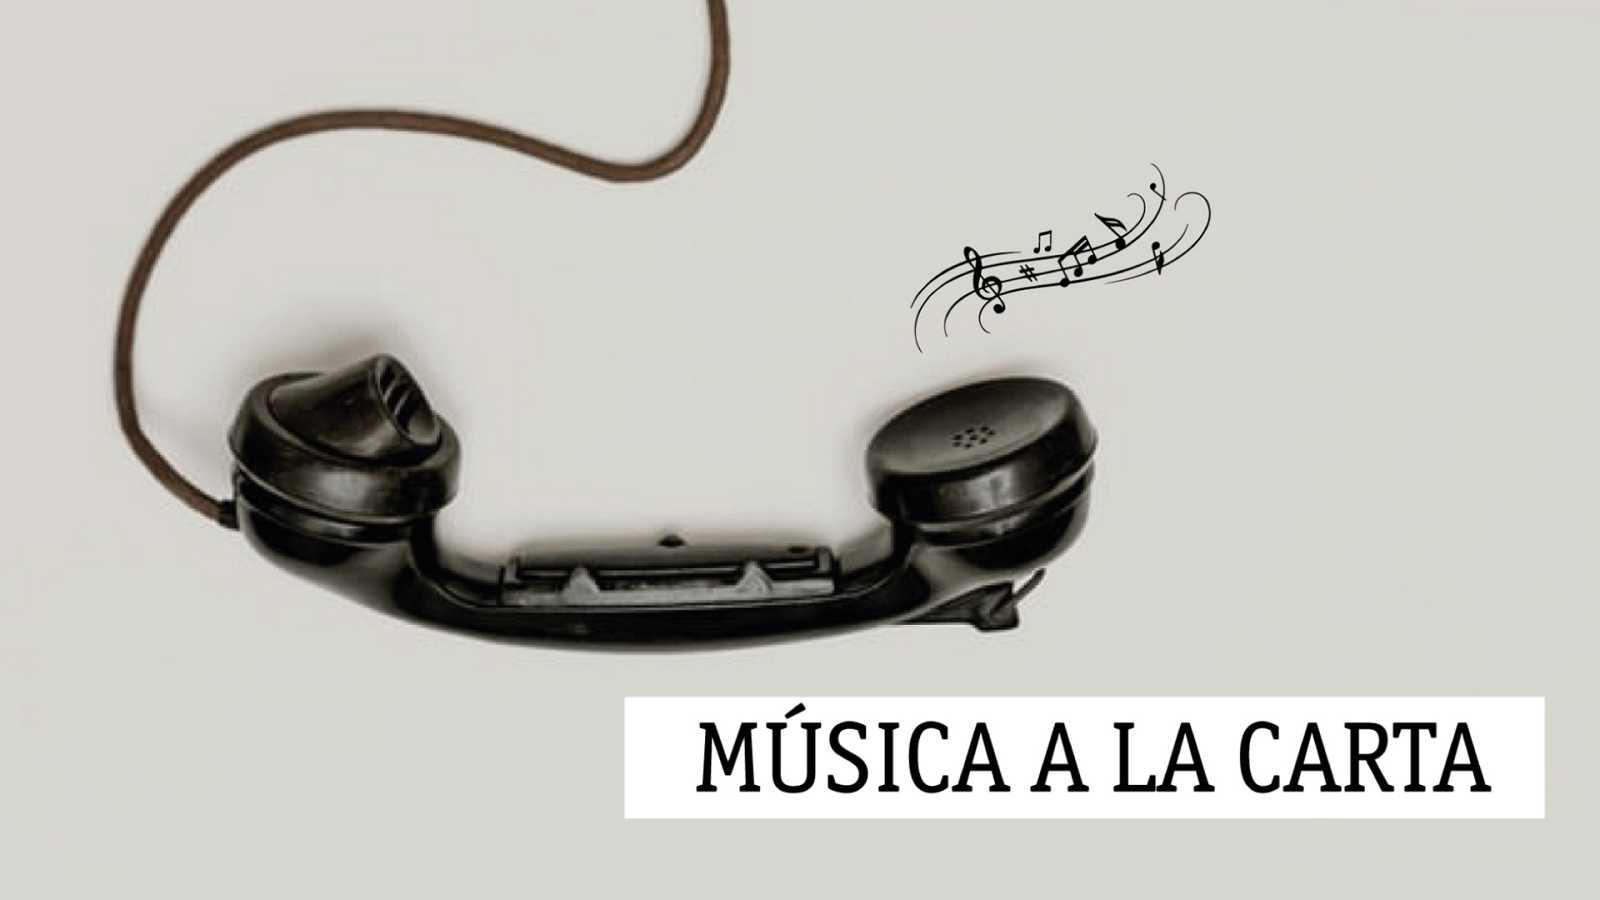 Música a la carta - 26/04/21 - escuchar ahora